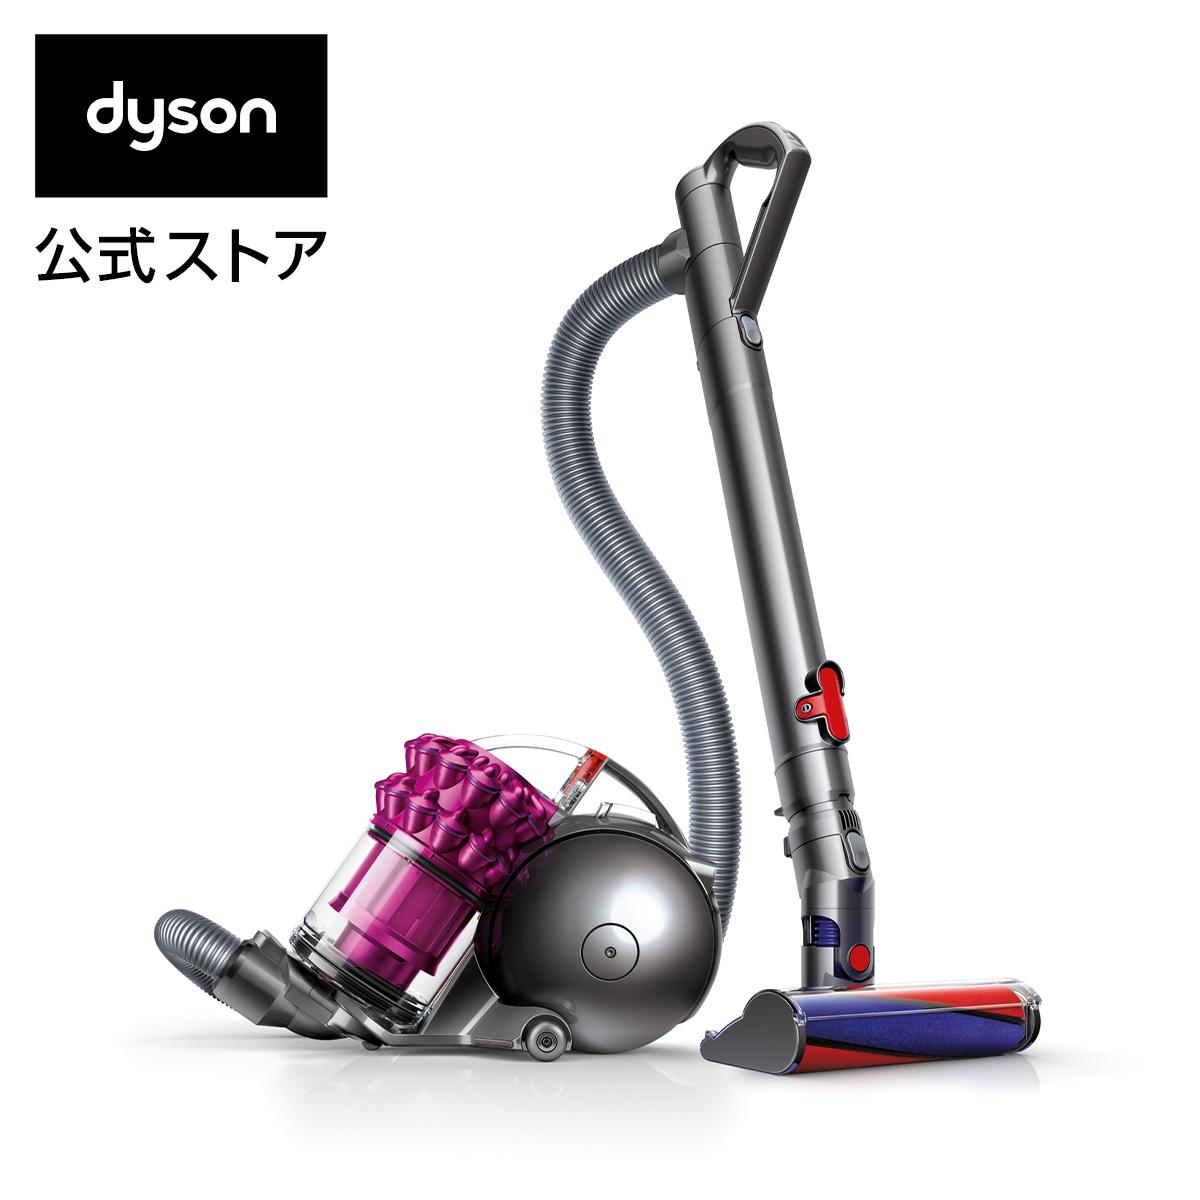 ダイソン Dyson Ball Fluffypro サイクロン式 キャニスター型掃除機 CY24MHPRO フューシャ/ブルー 【新品/メーカー2年保証】